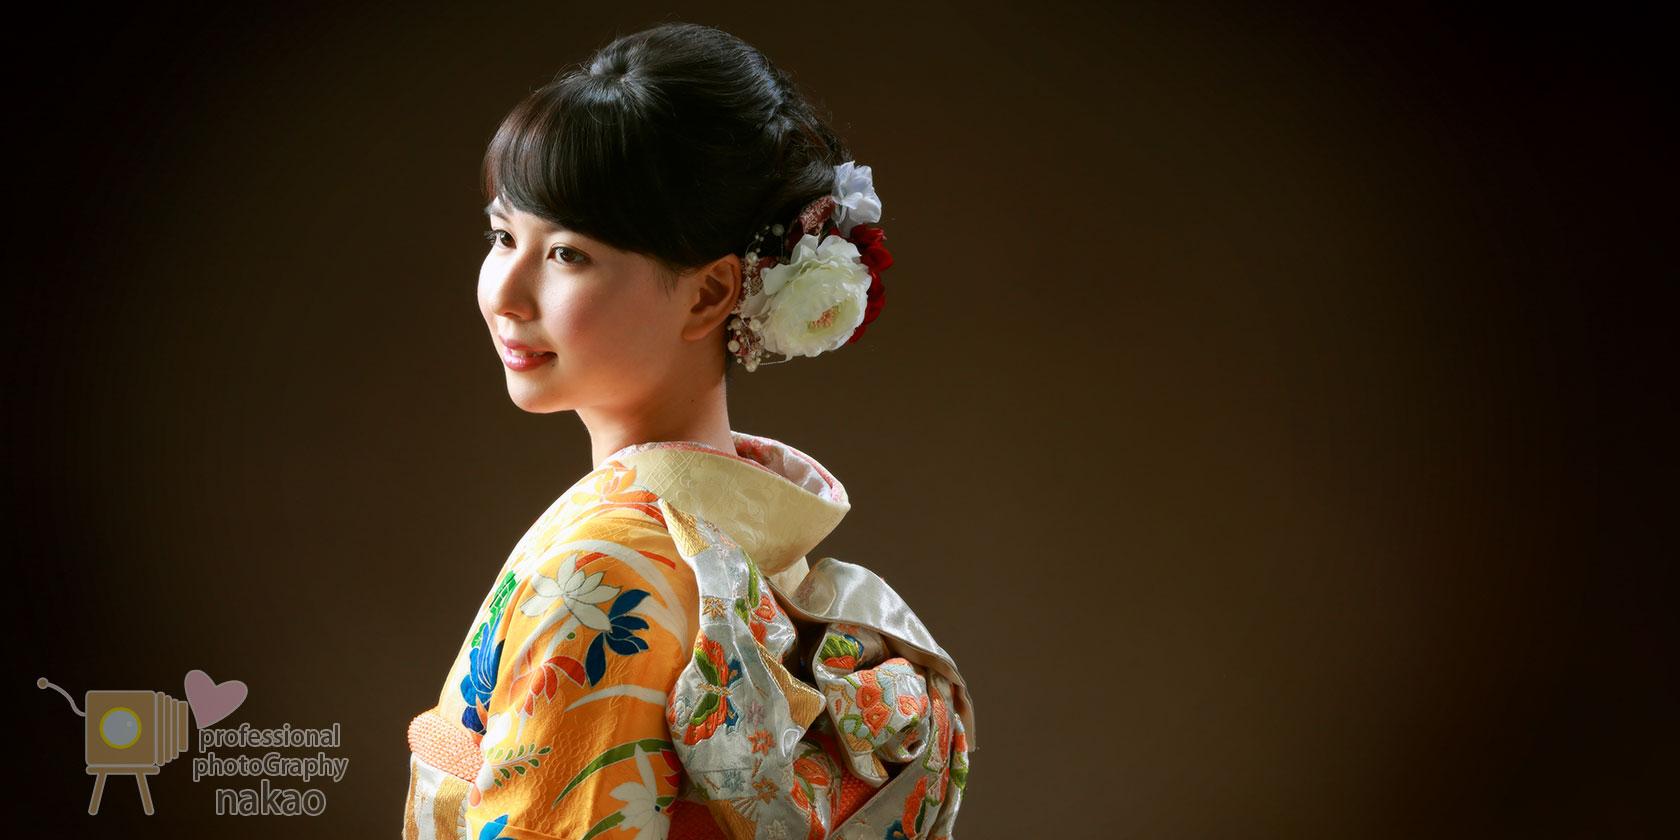 成人式記念 振袖姿のお嬢様 横からのアングルで帯や髪飾りも美しく